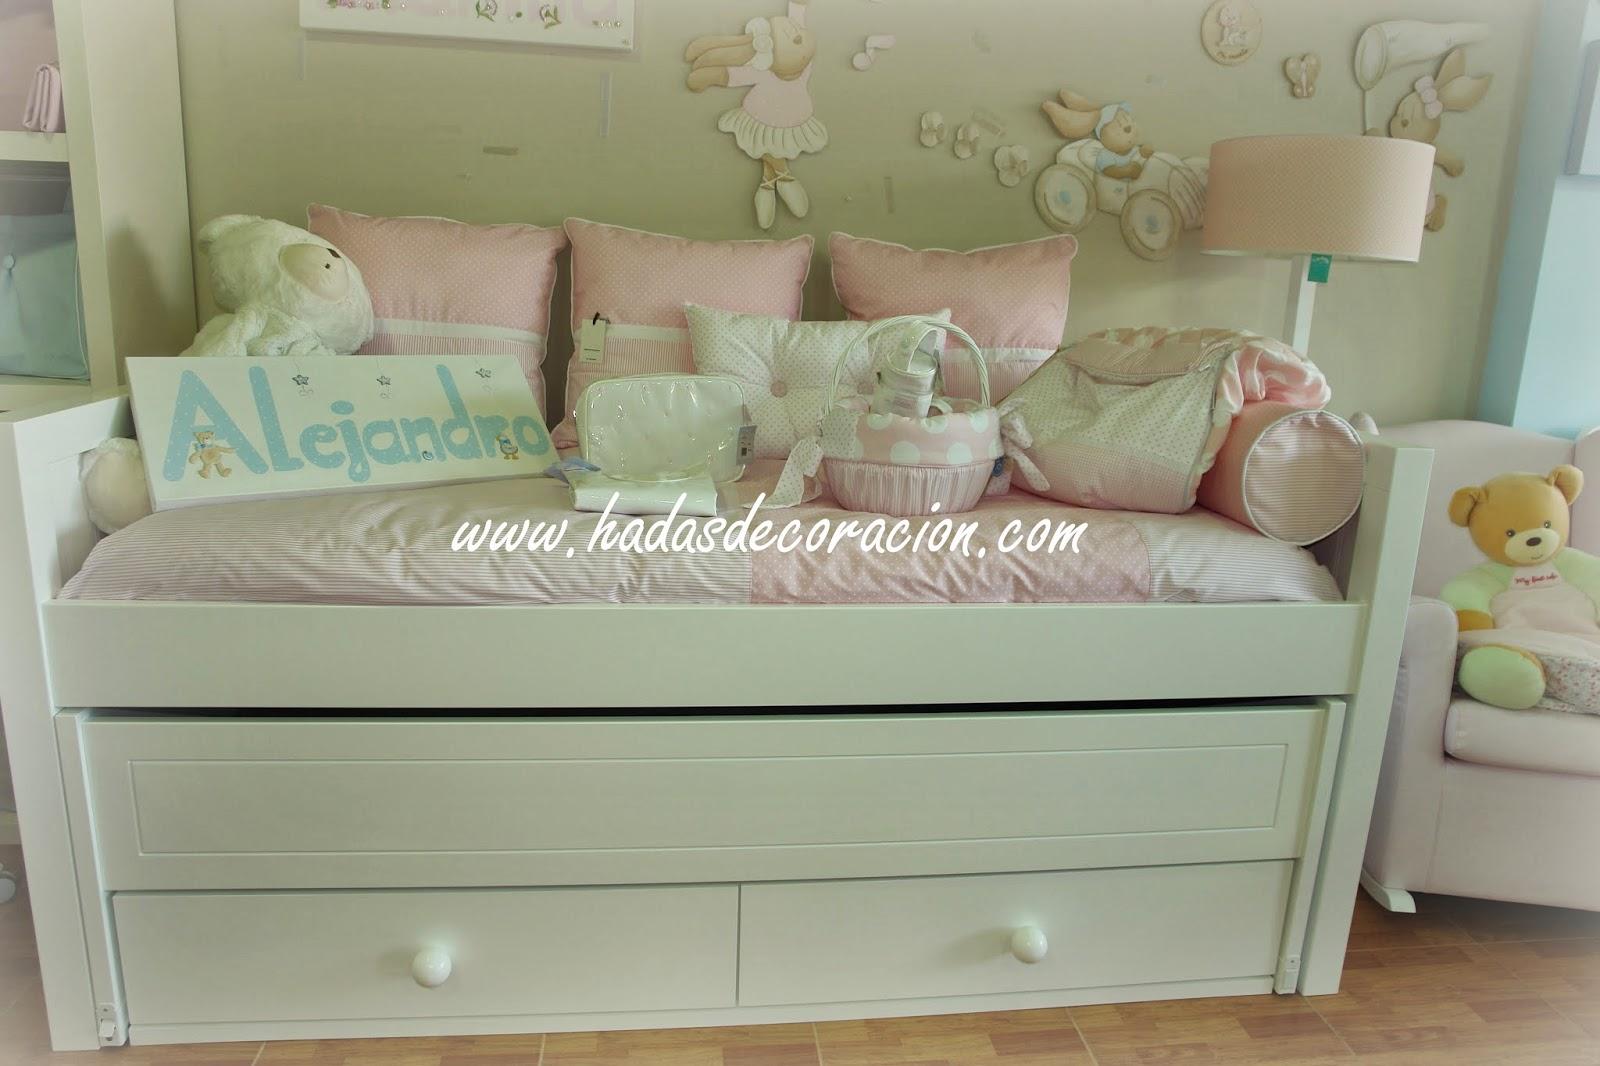 Hadas moda y decoracion infantil cama compacta de trebol for Cama compacta infantil